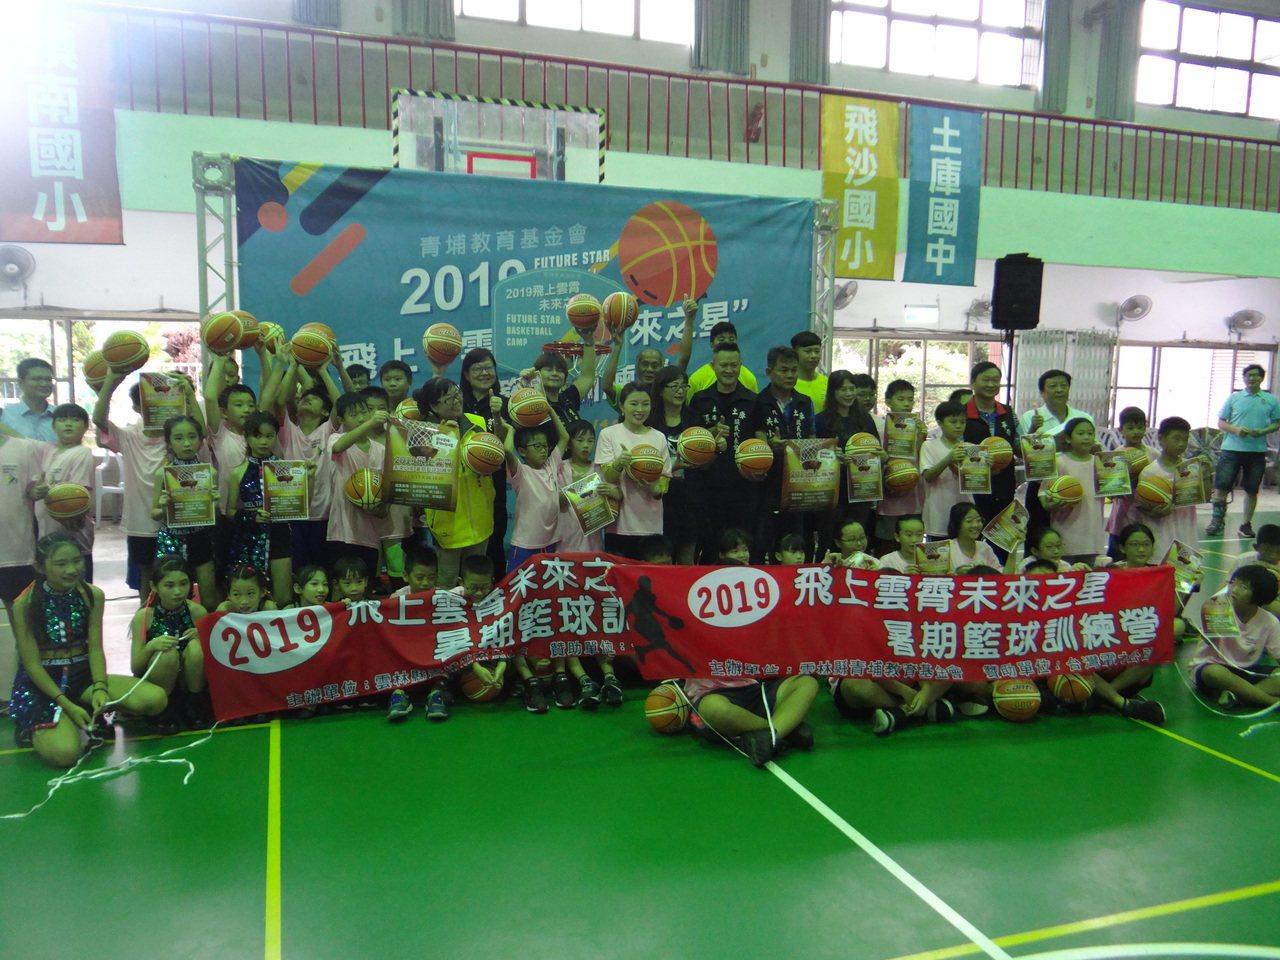 雲林青埔基金會舉辦的籃球營今天開訓。記者蔡維斌/攝影